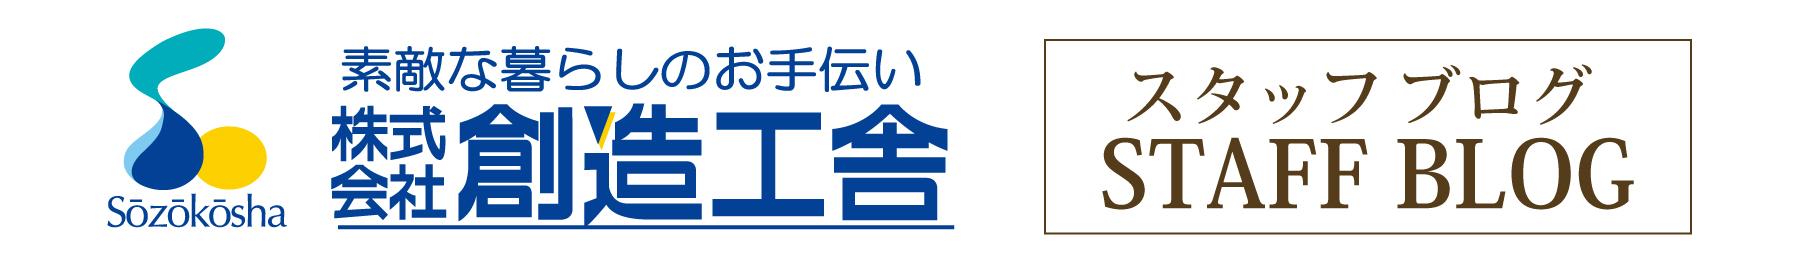 staff_blog_header2